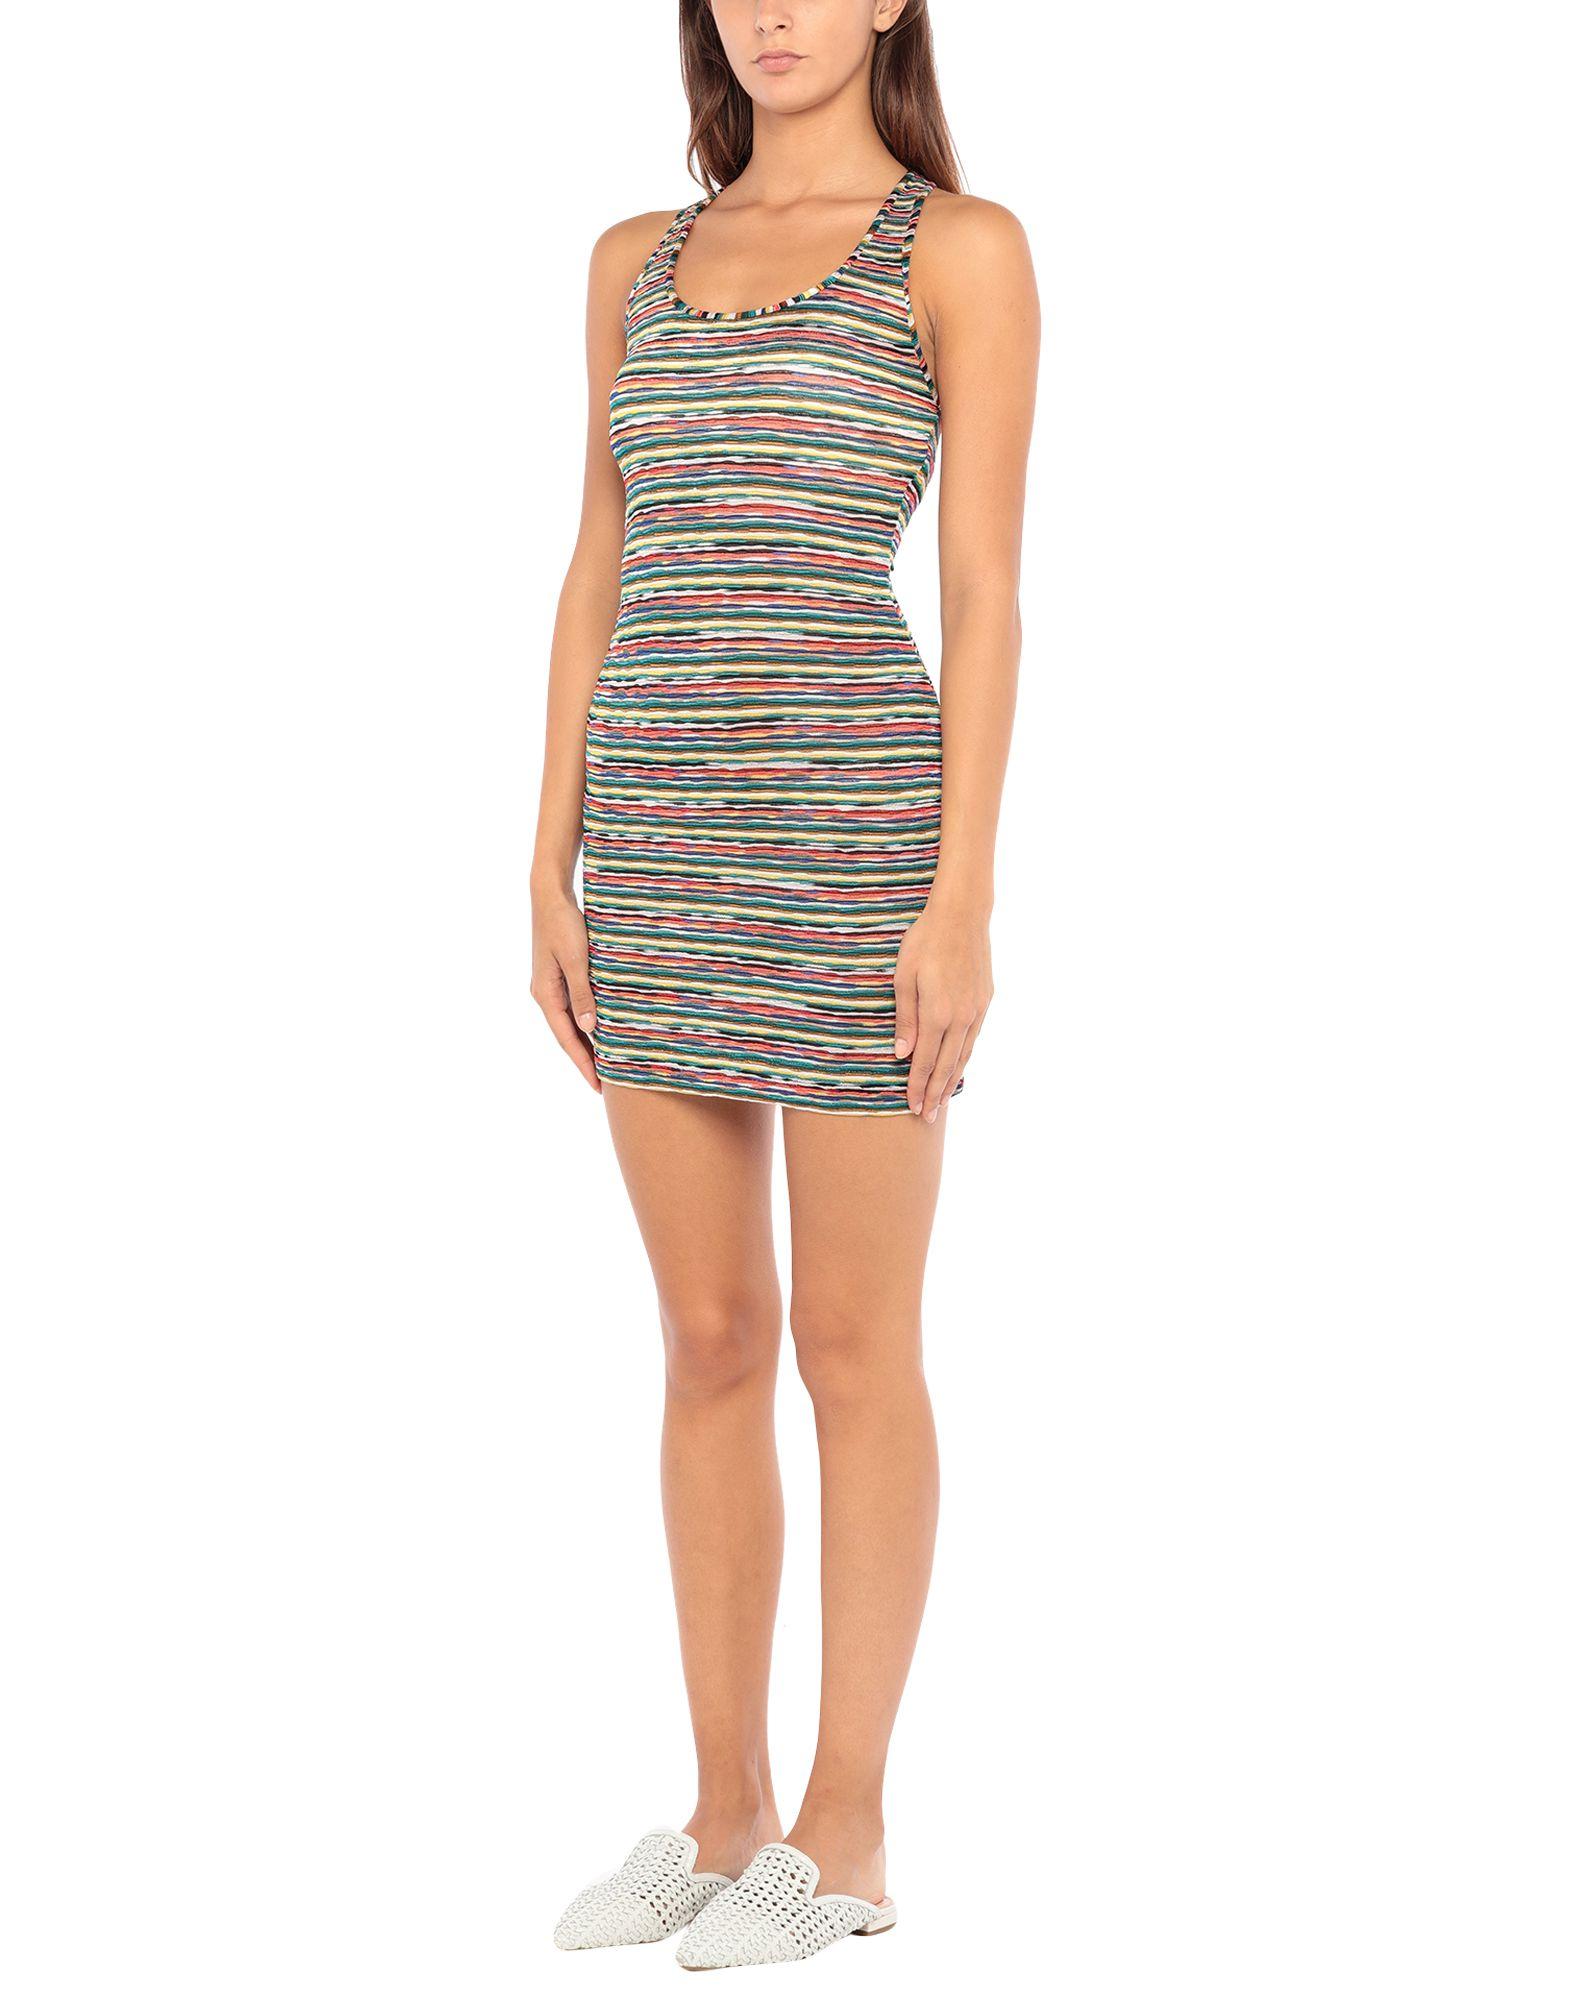 MISSONI MARE Пляжное платье полуприлегающее платье без рукавов di mare